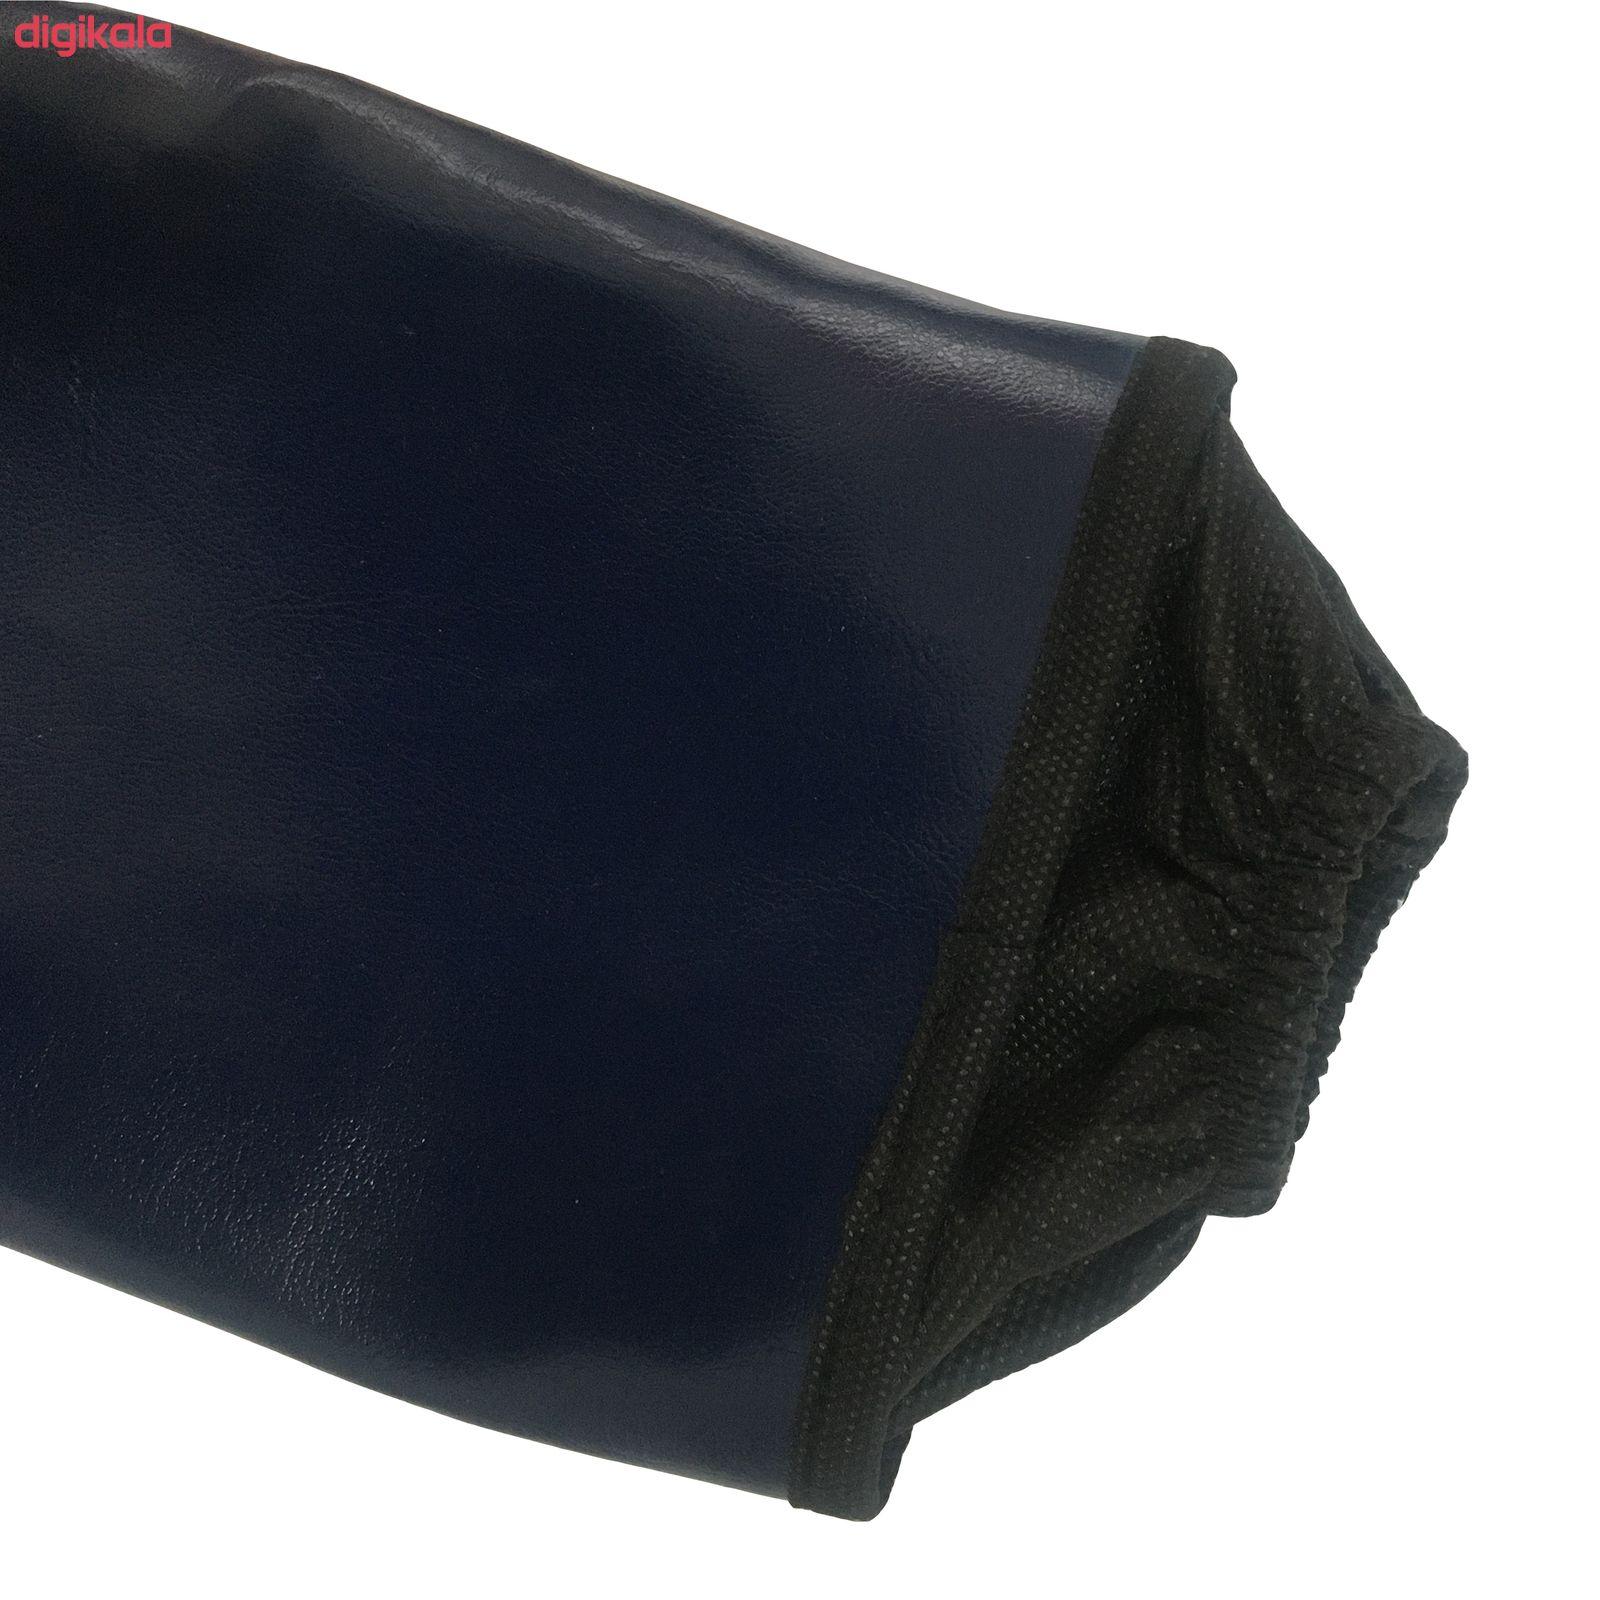 سطل زباله خودرو کد 603 main 1 1